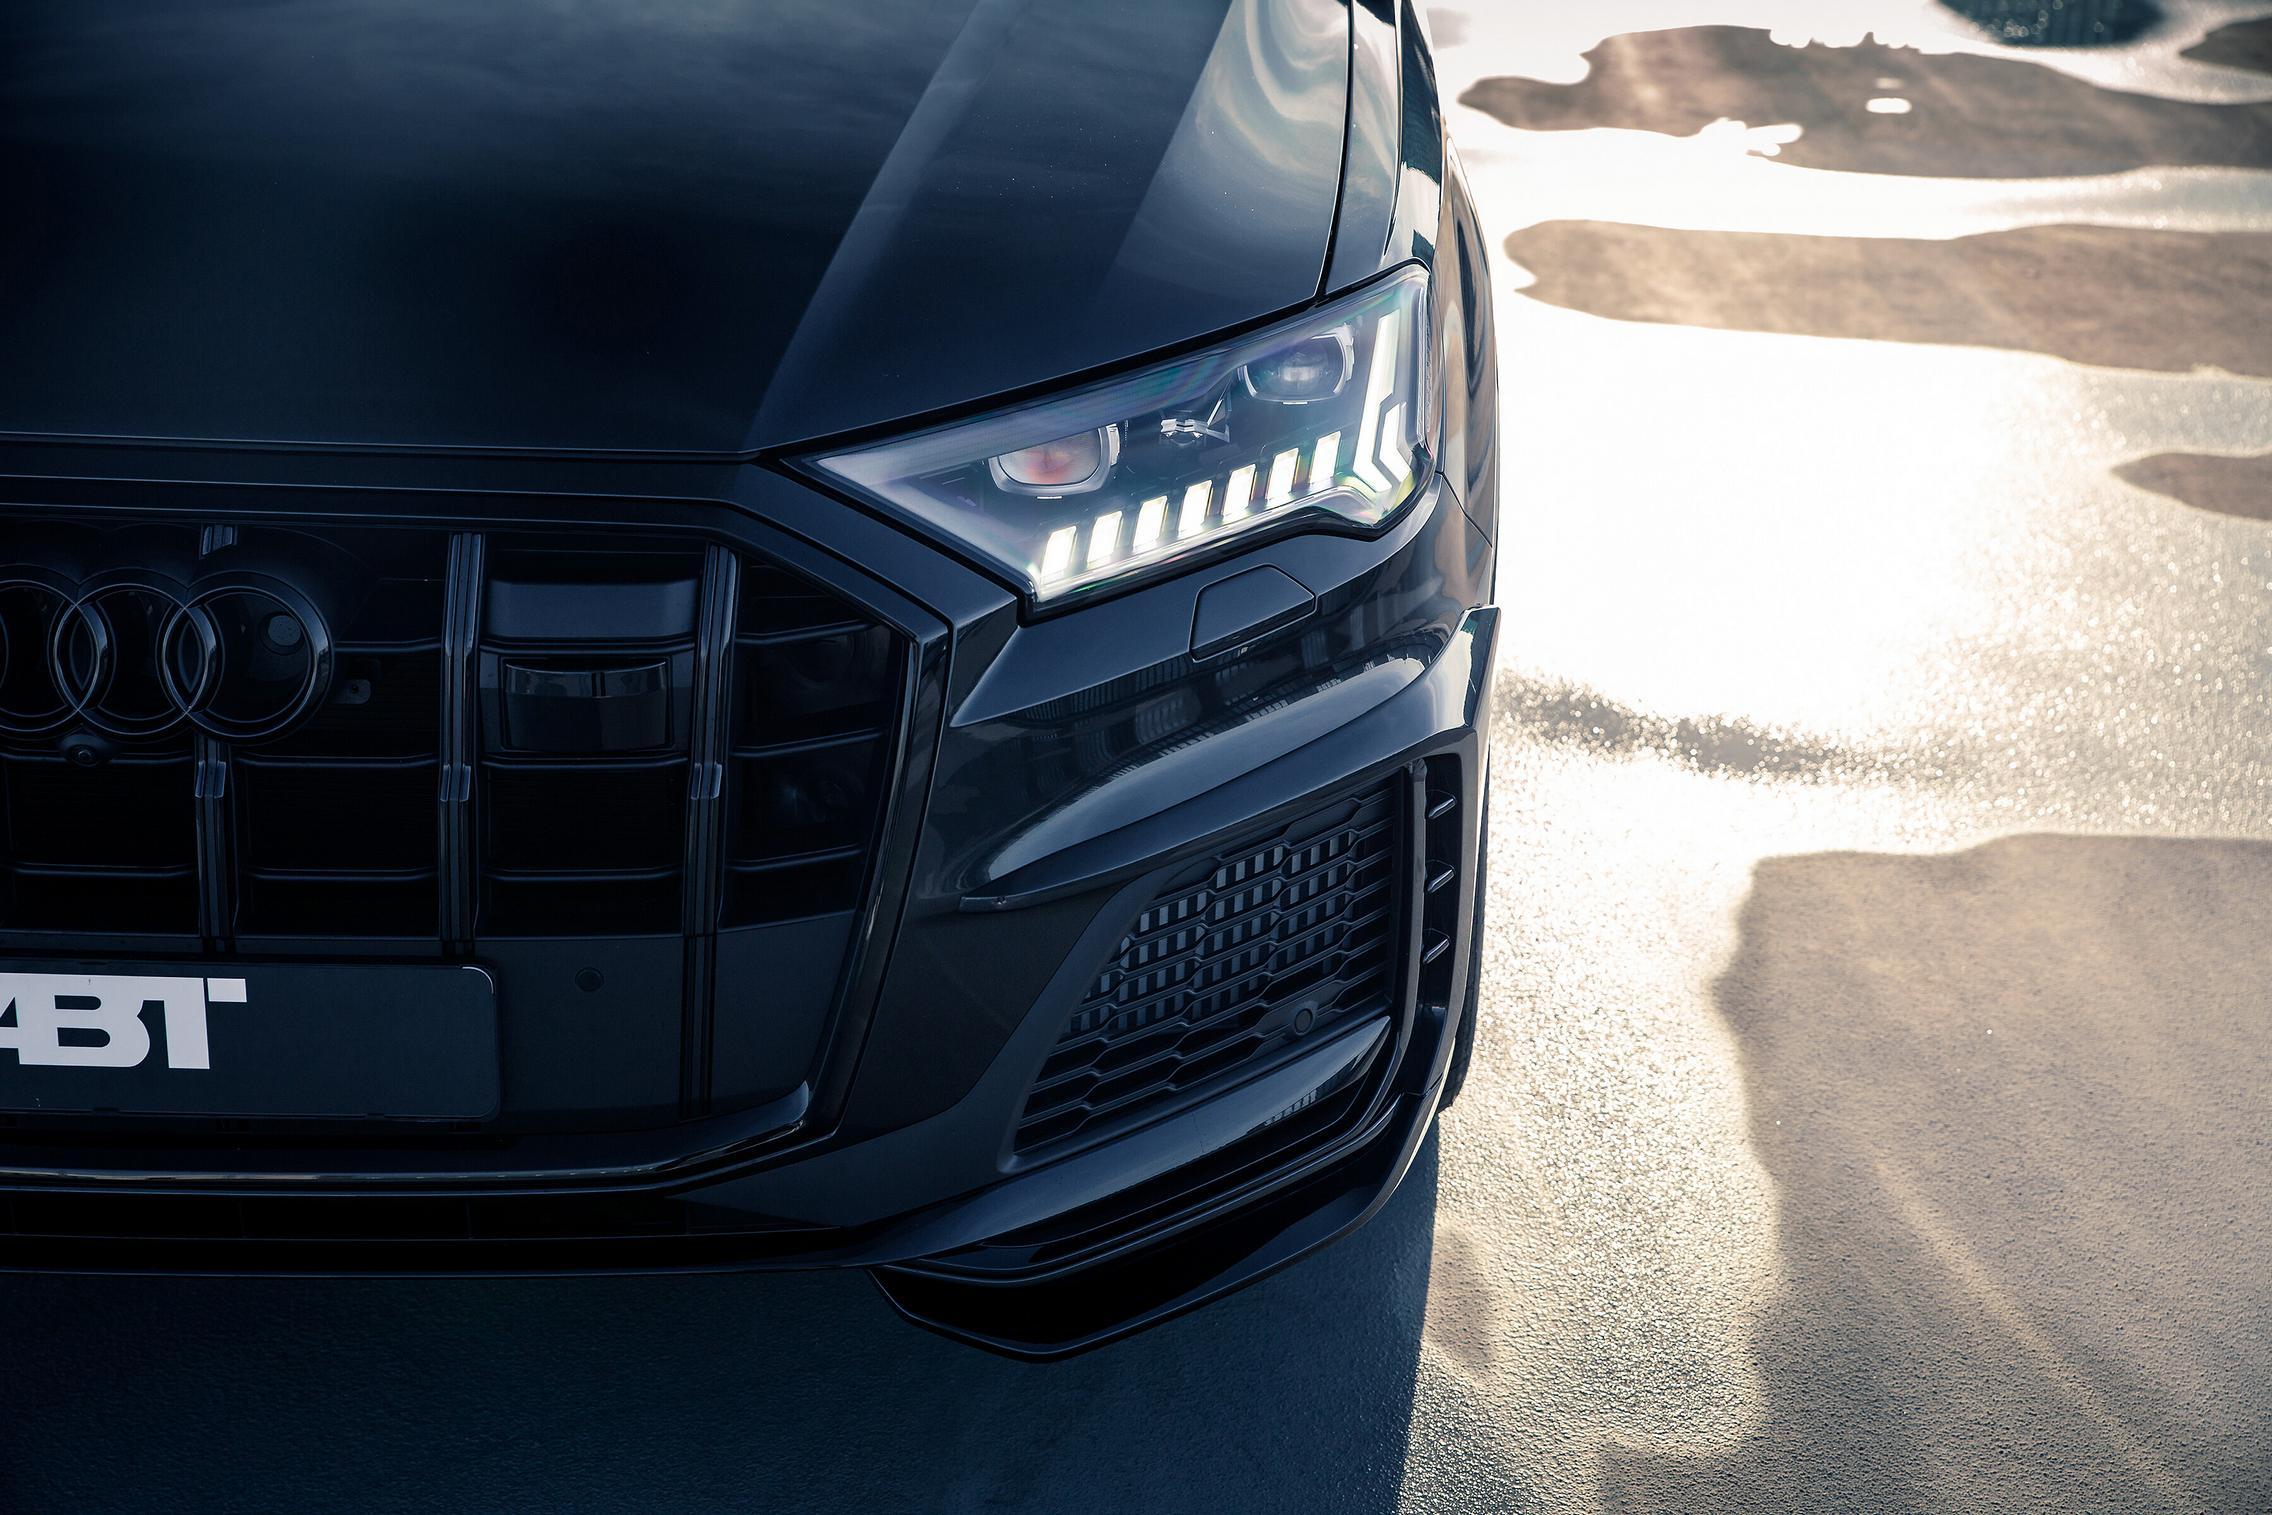 Audi-SQ7-ABT-wide-bodykit-7